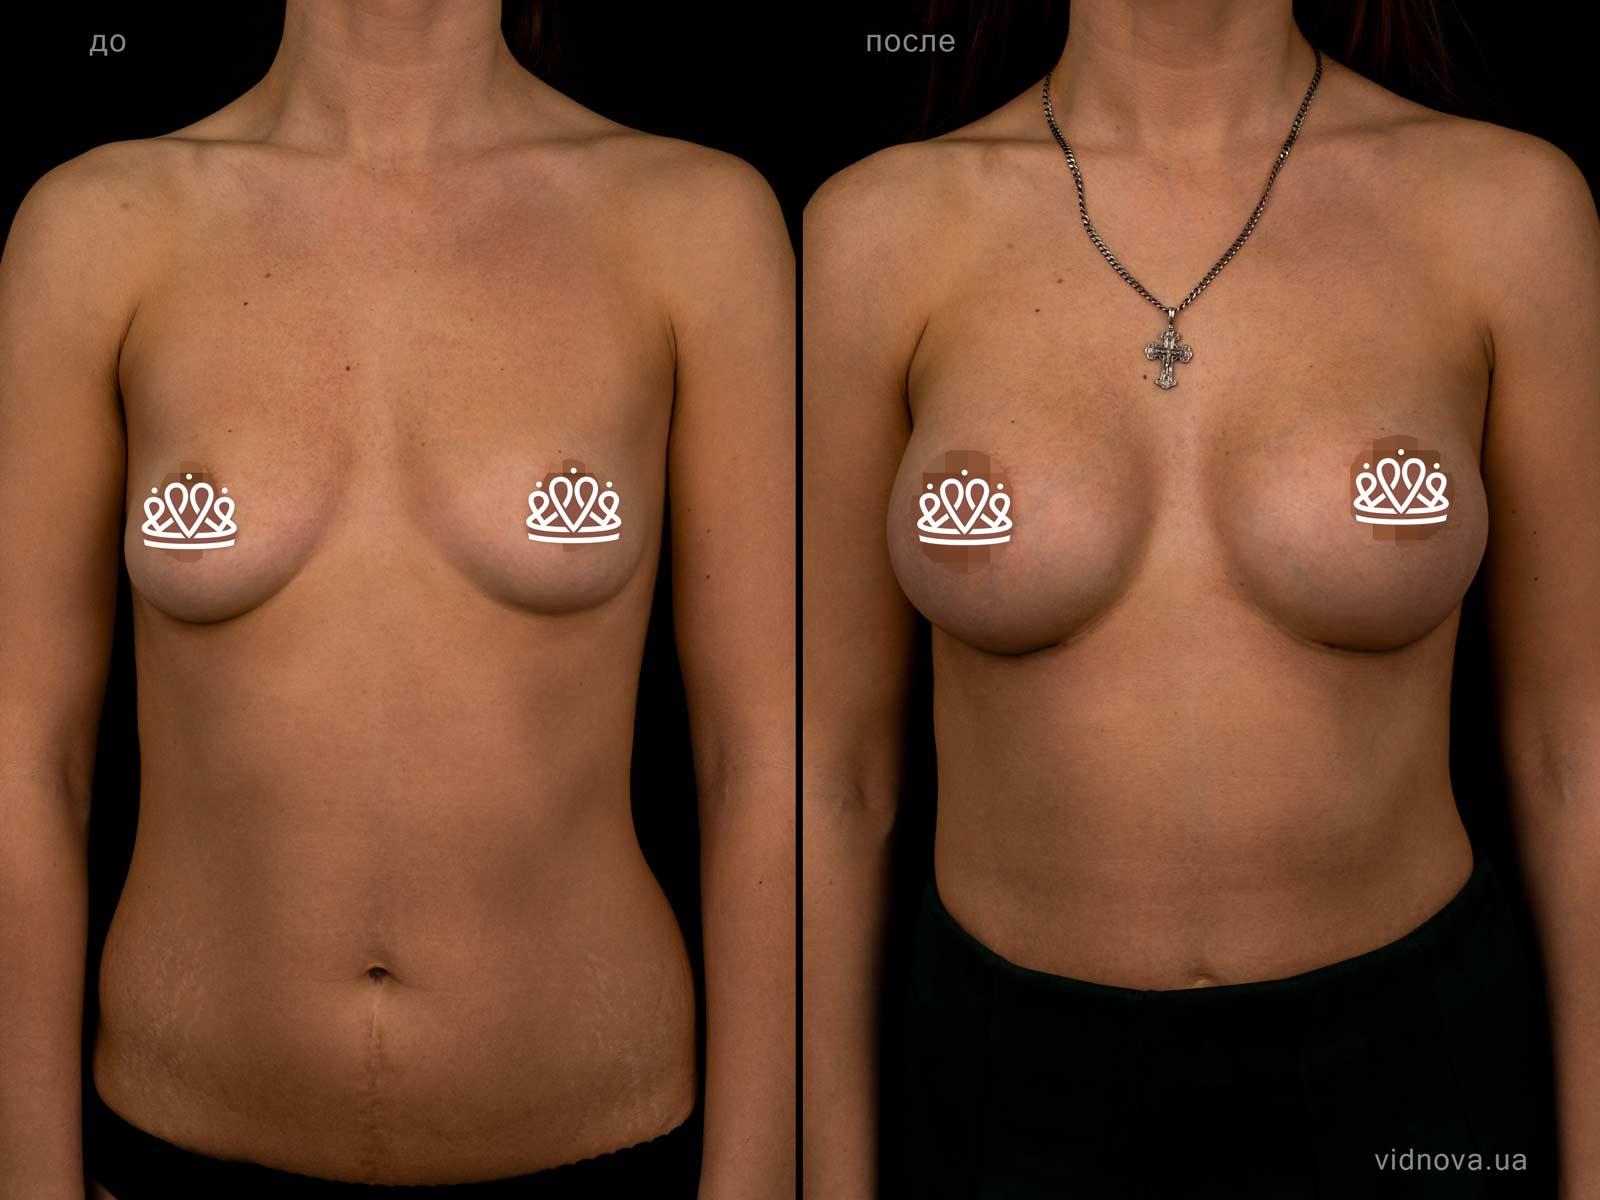 Пластика груди: результаты до и после - Пример №123-0 - Светлана Работенко